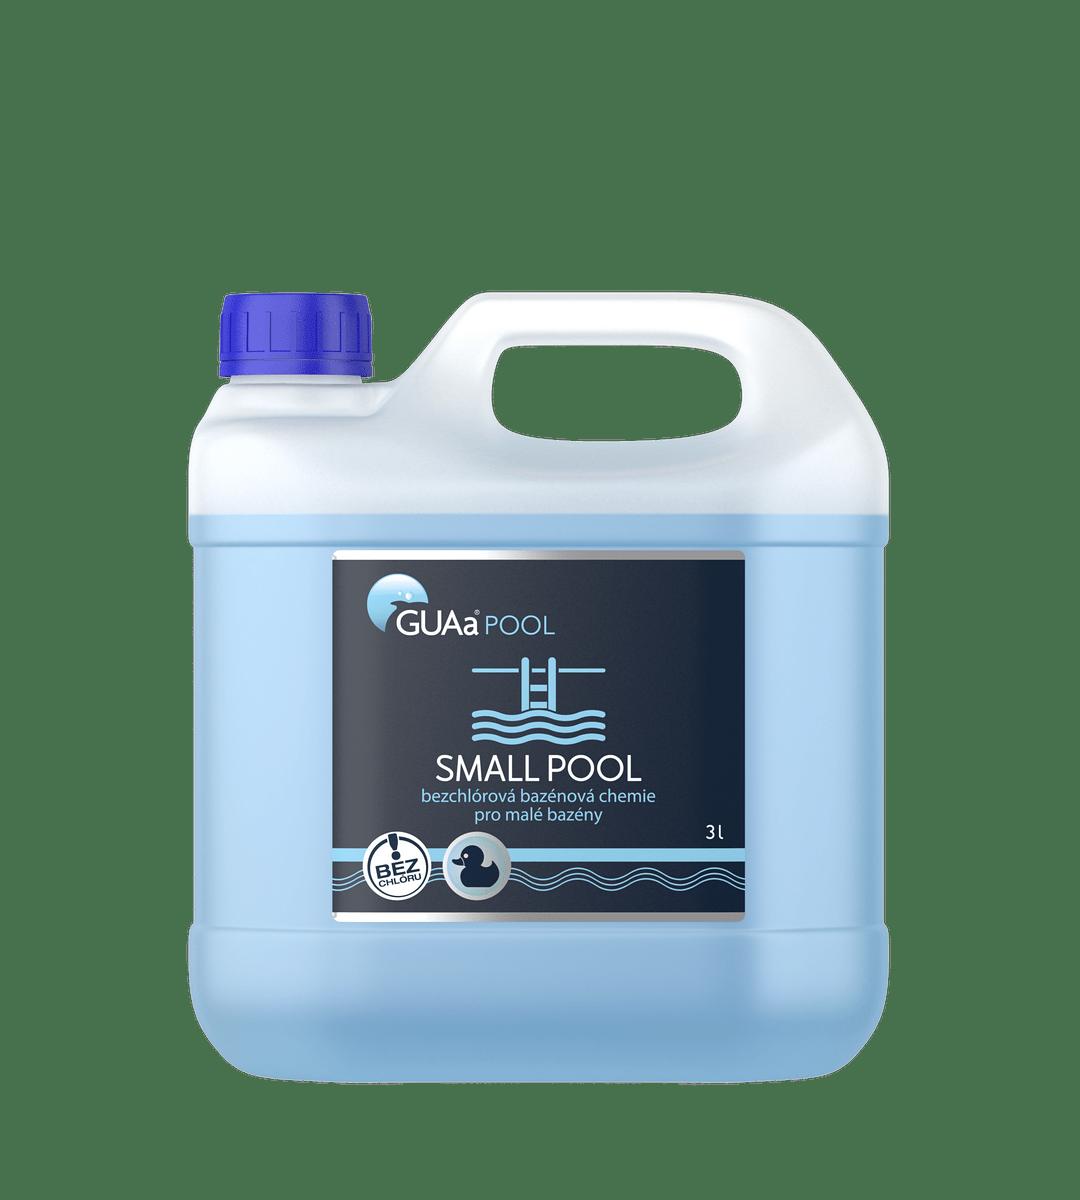 GUAa POOL SMALL POOL 3 l - bezchlórová bazénová chemie pro malé bazény